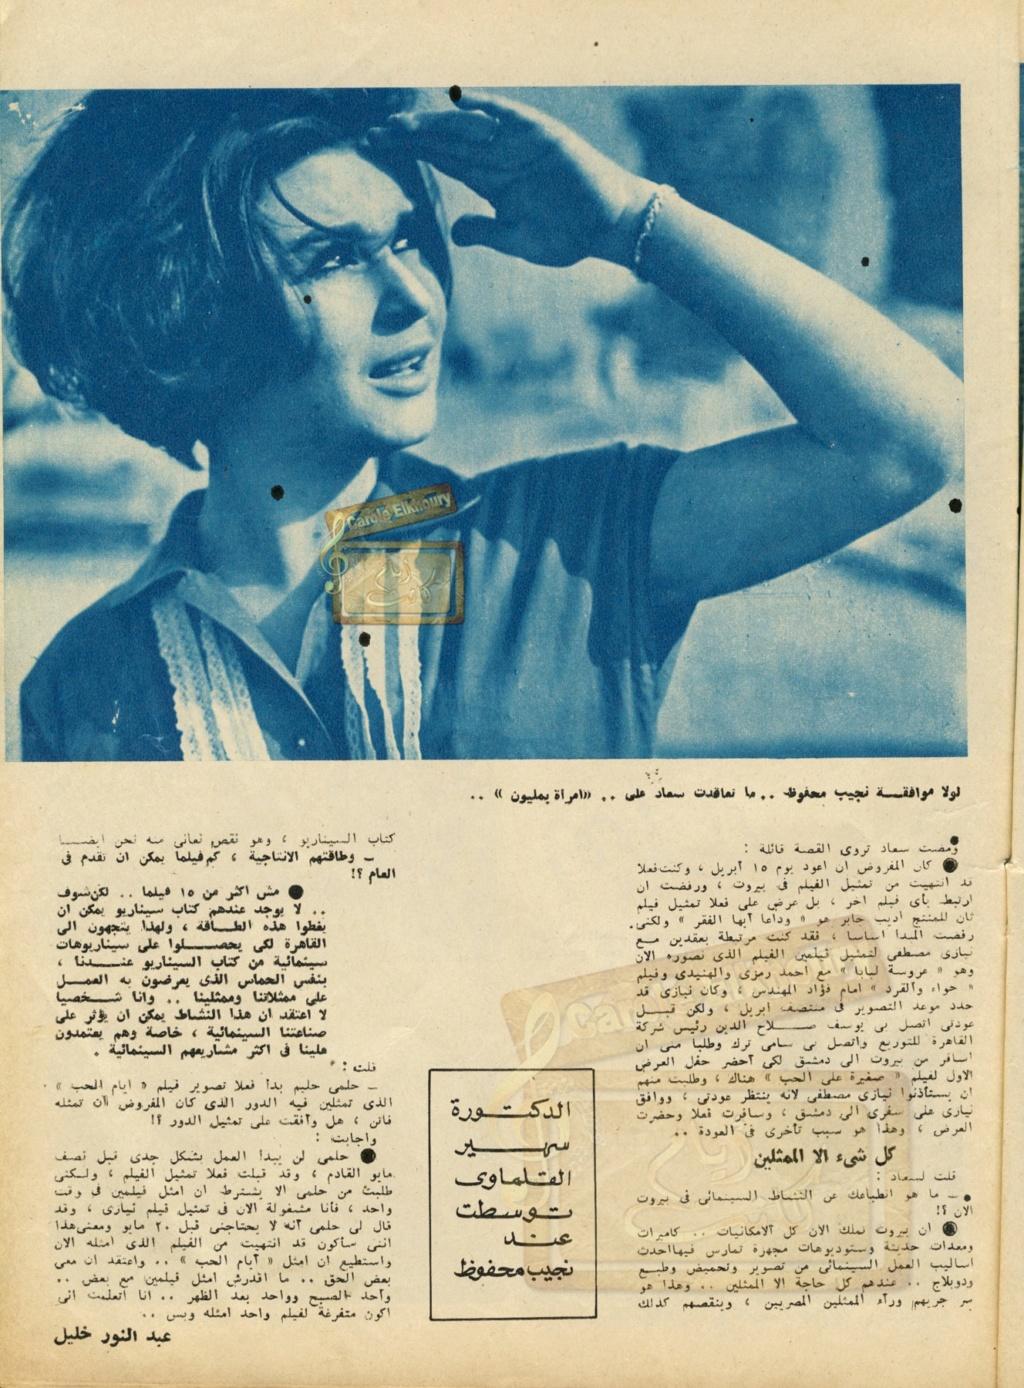 حوار صحفي : سعاد حسني .. ومغامرة في بيروت 1967 م 268